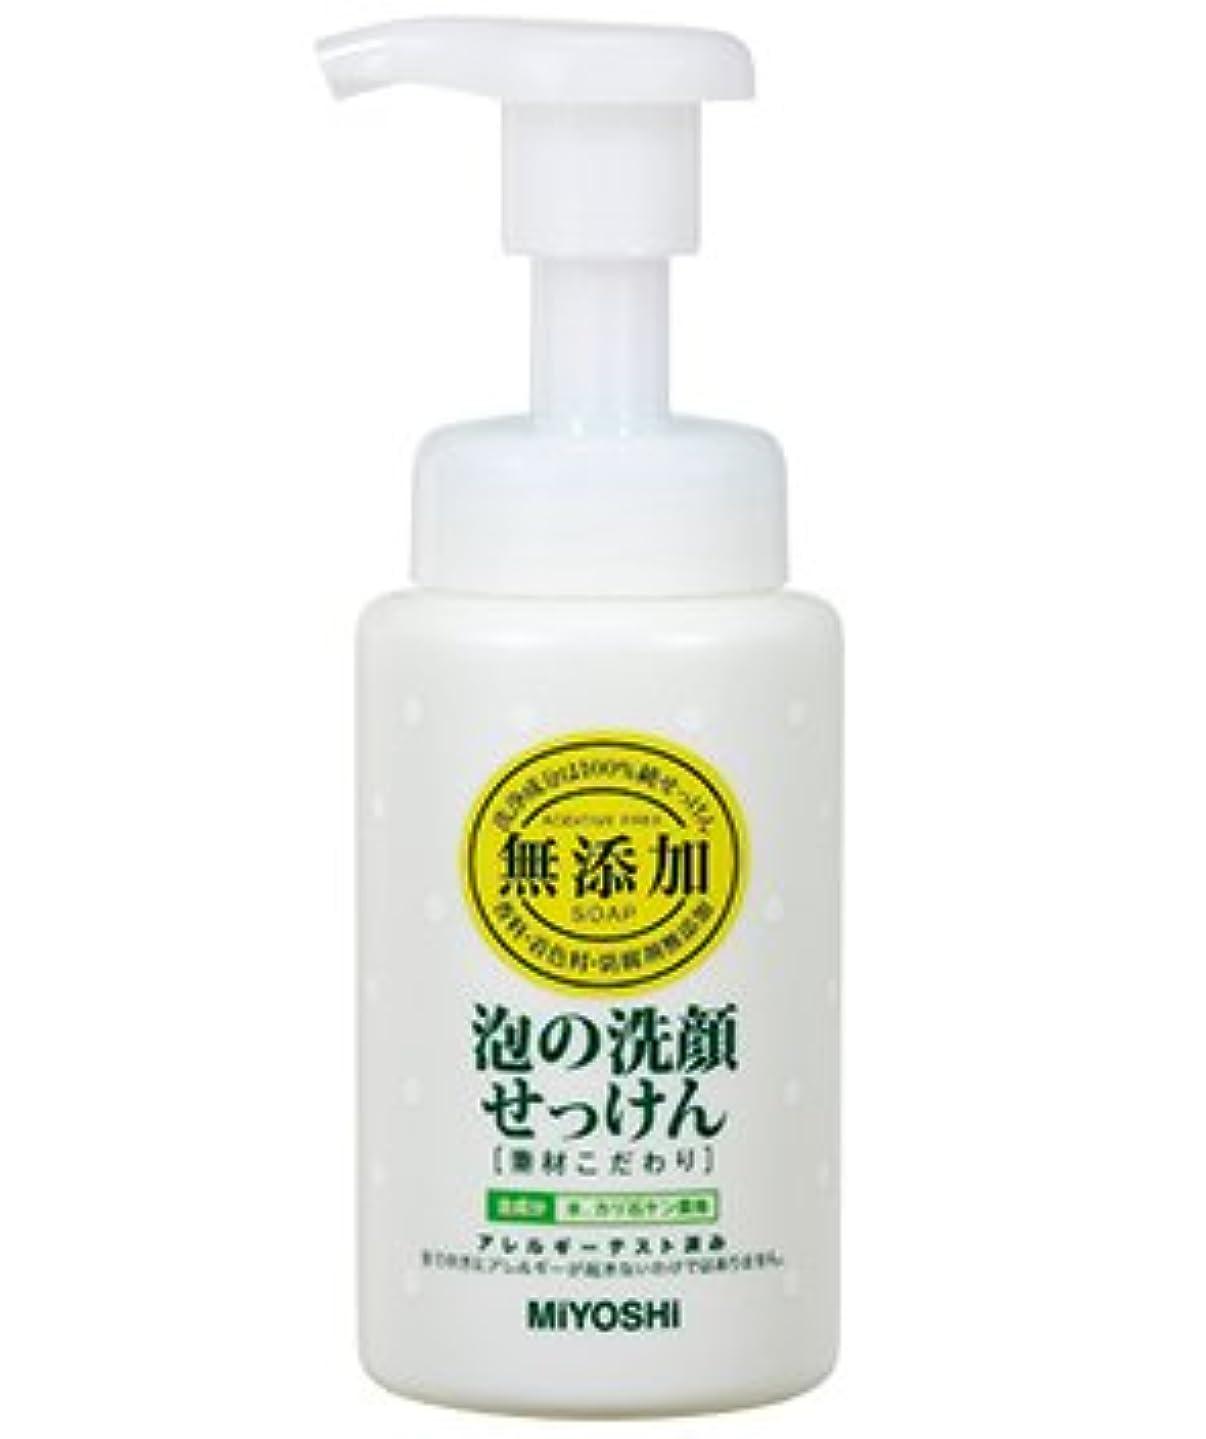 シガレットコンベンション化学薬品ミヨシ石鹸 無添加 泡の洗顔せっけん 200ml 合成界面活性剤はもちろん、香料、着色料、防腐剤などは一切加えていません×24点セット (4537130102022)